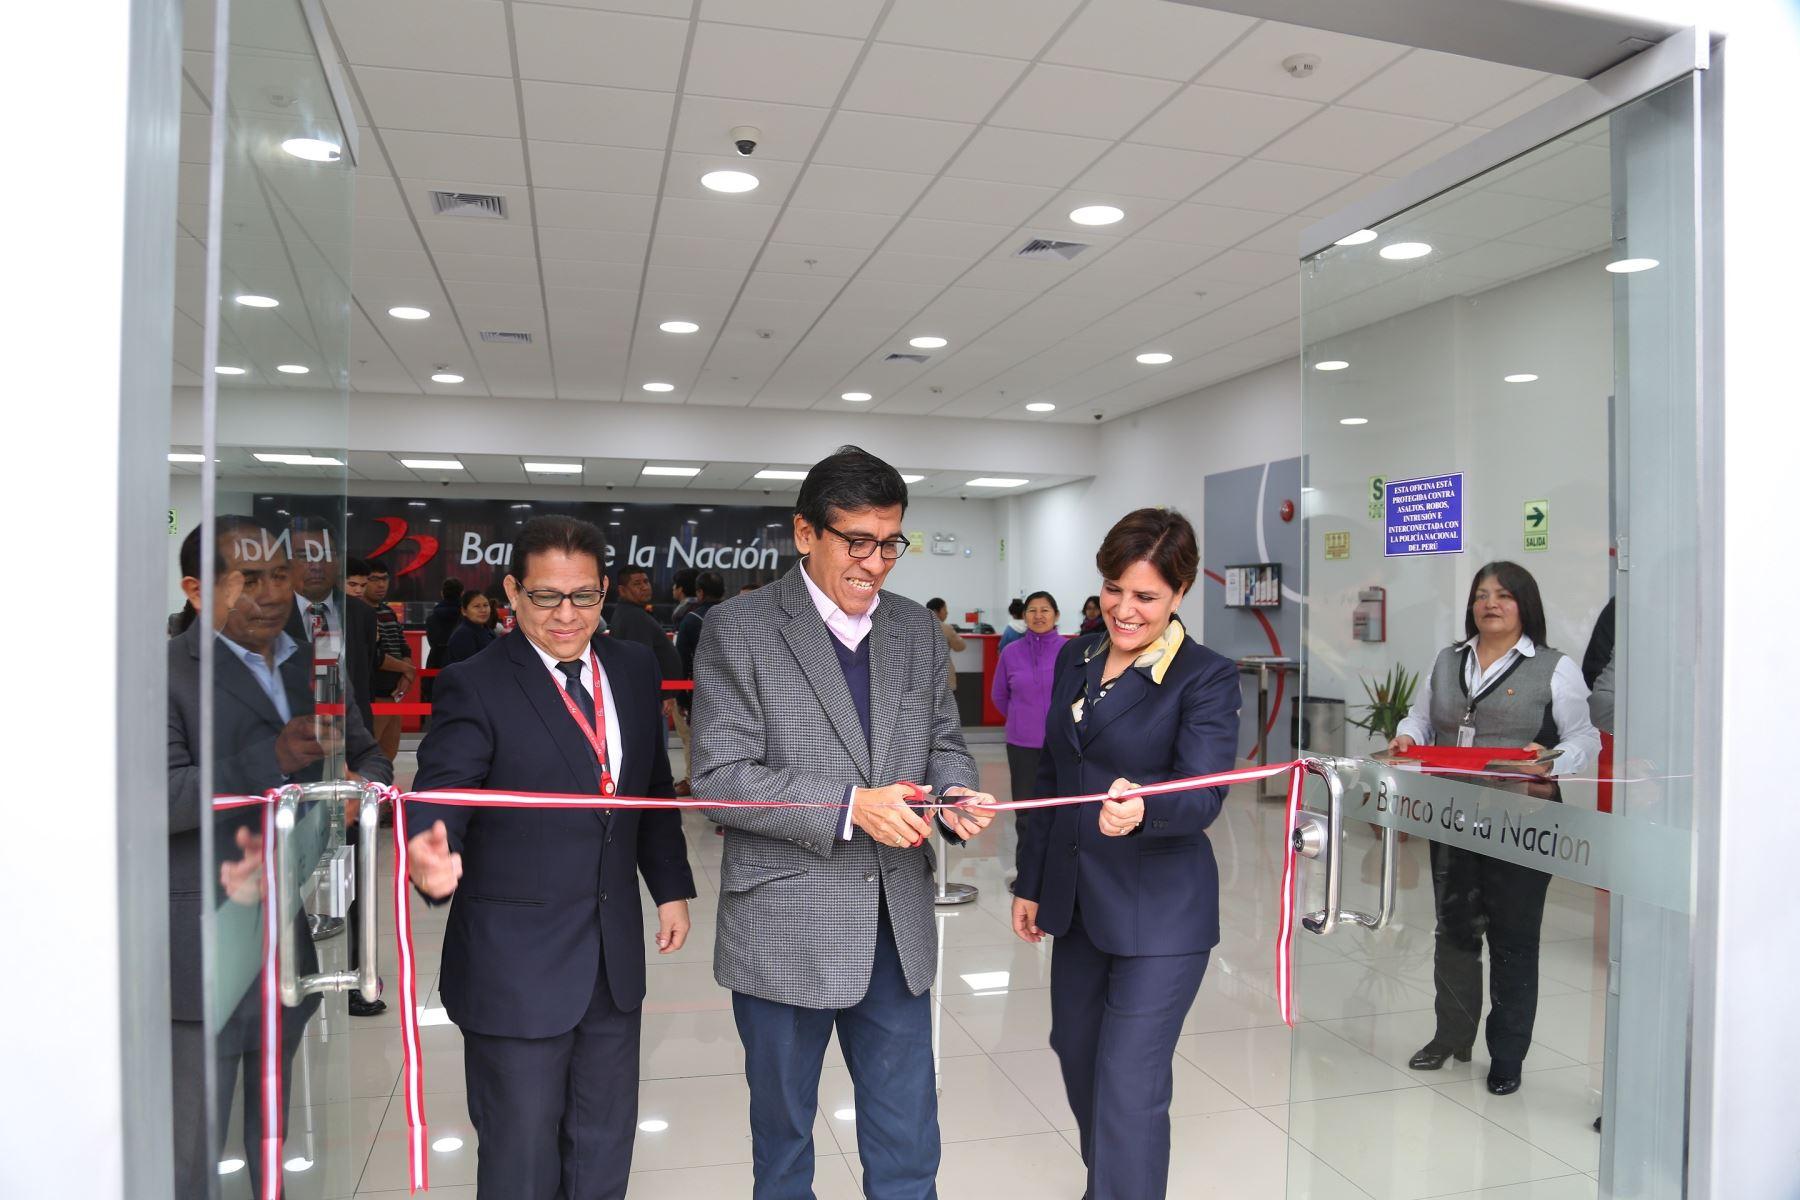 El presidente del Banco de la Nación, Luis Arias Minaya.